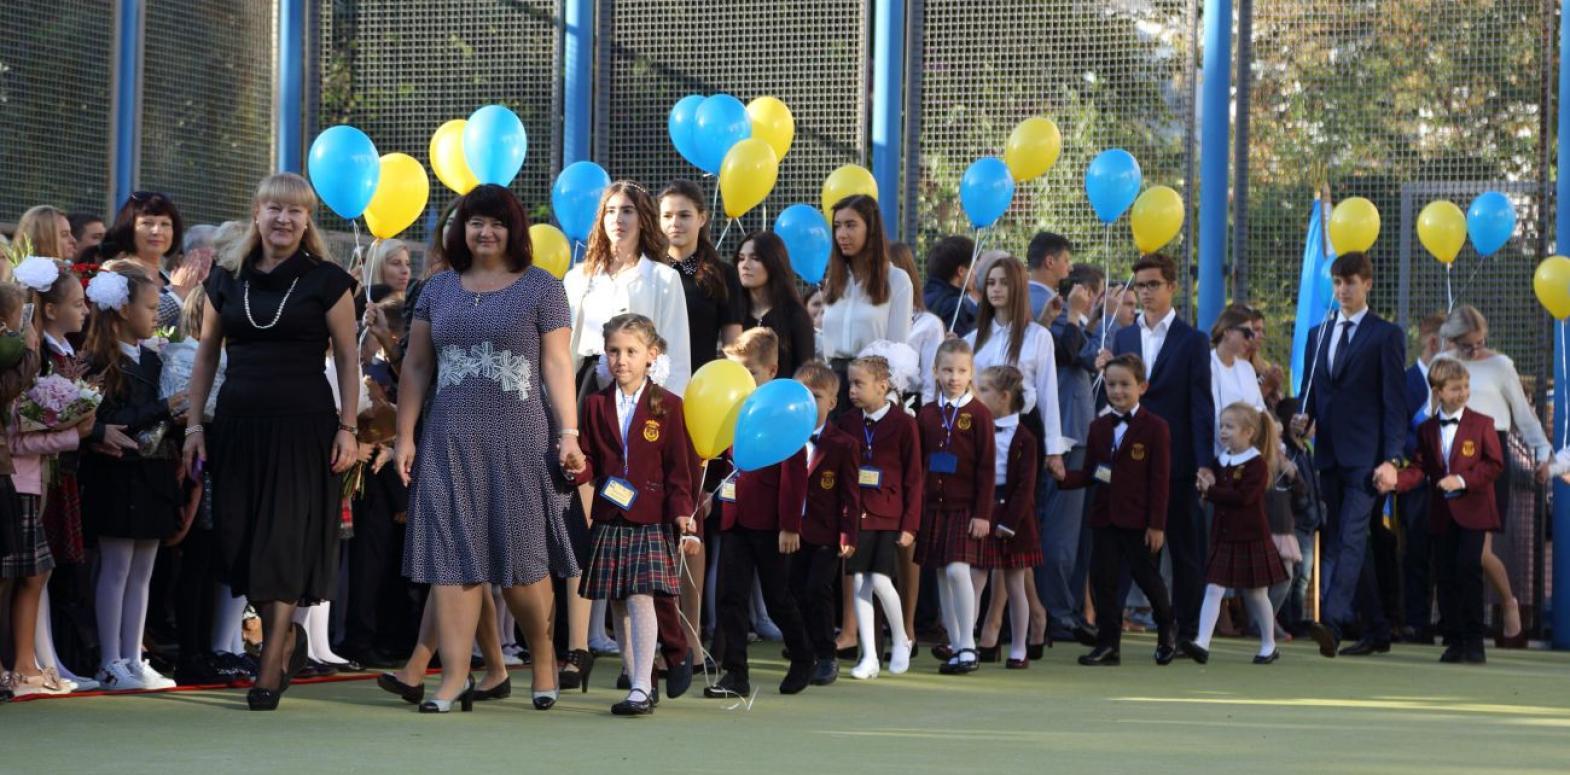 От 10 до 80 тысяч гривен: Минфин показал расходы на одного ученика школы